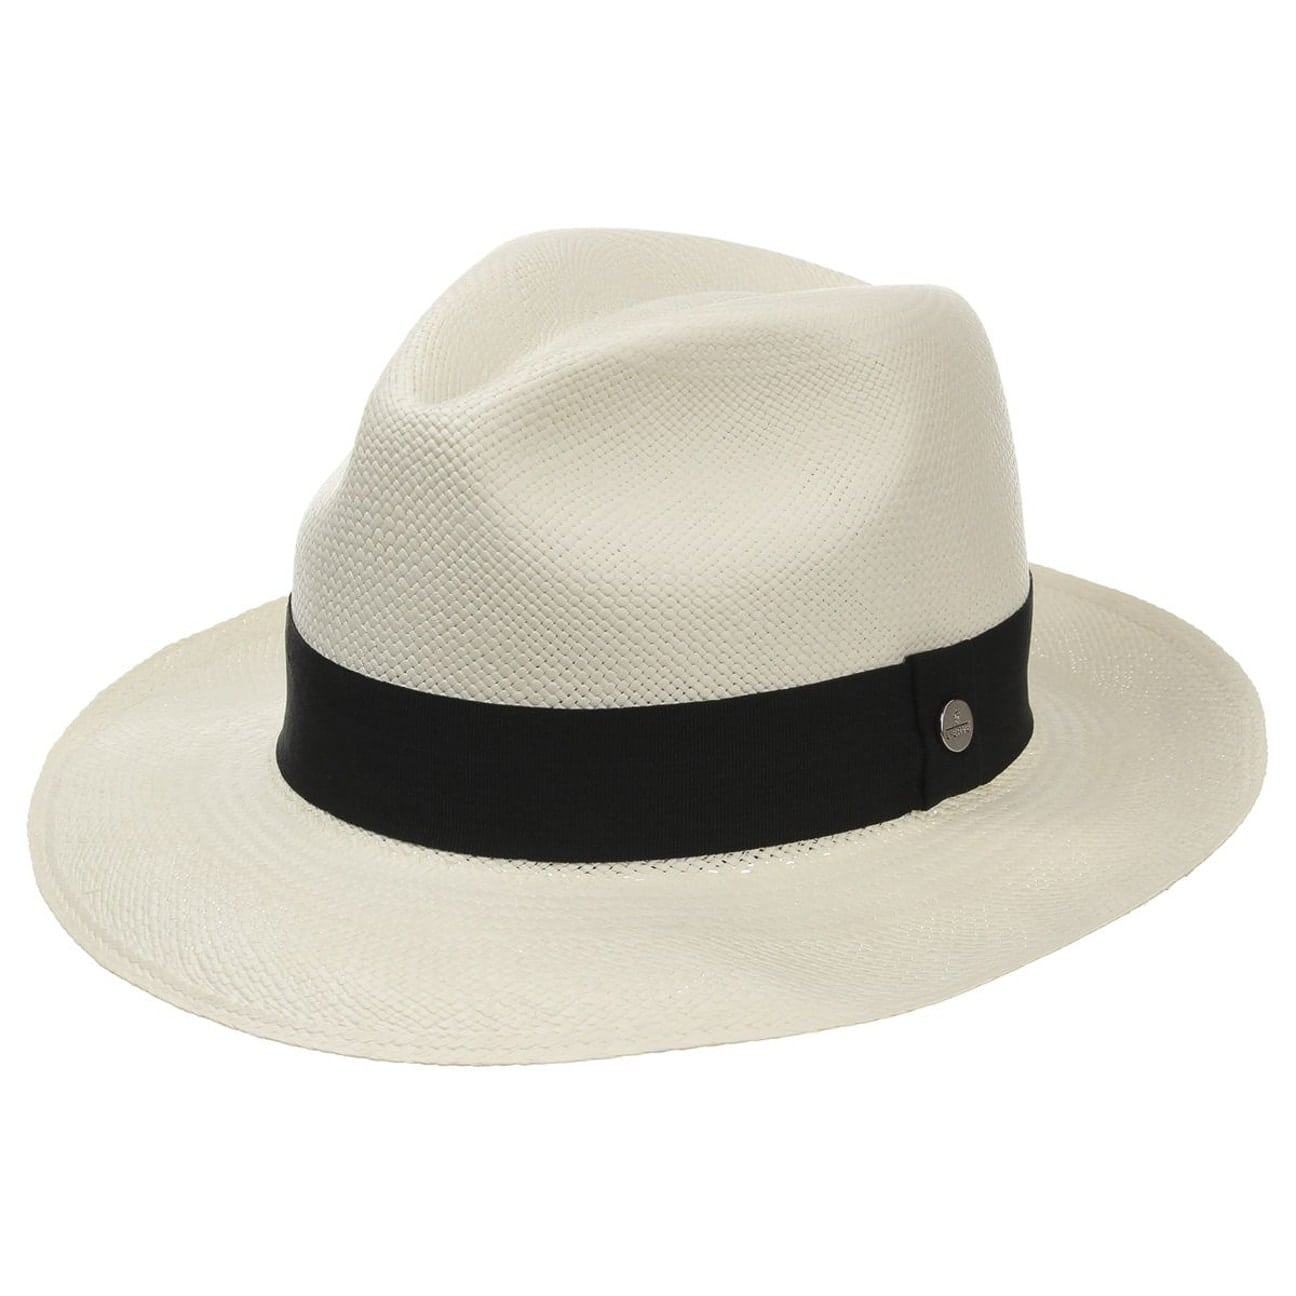 Ingrosso Cappelli Panama Fedora - it.dhgate.com